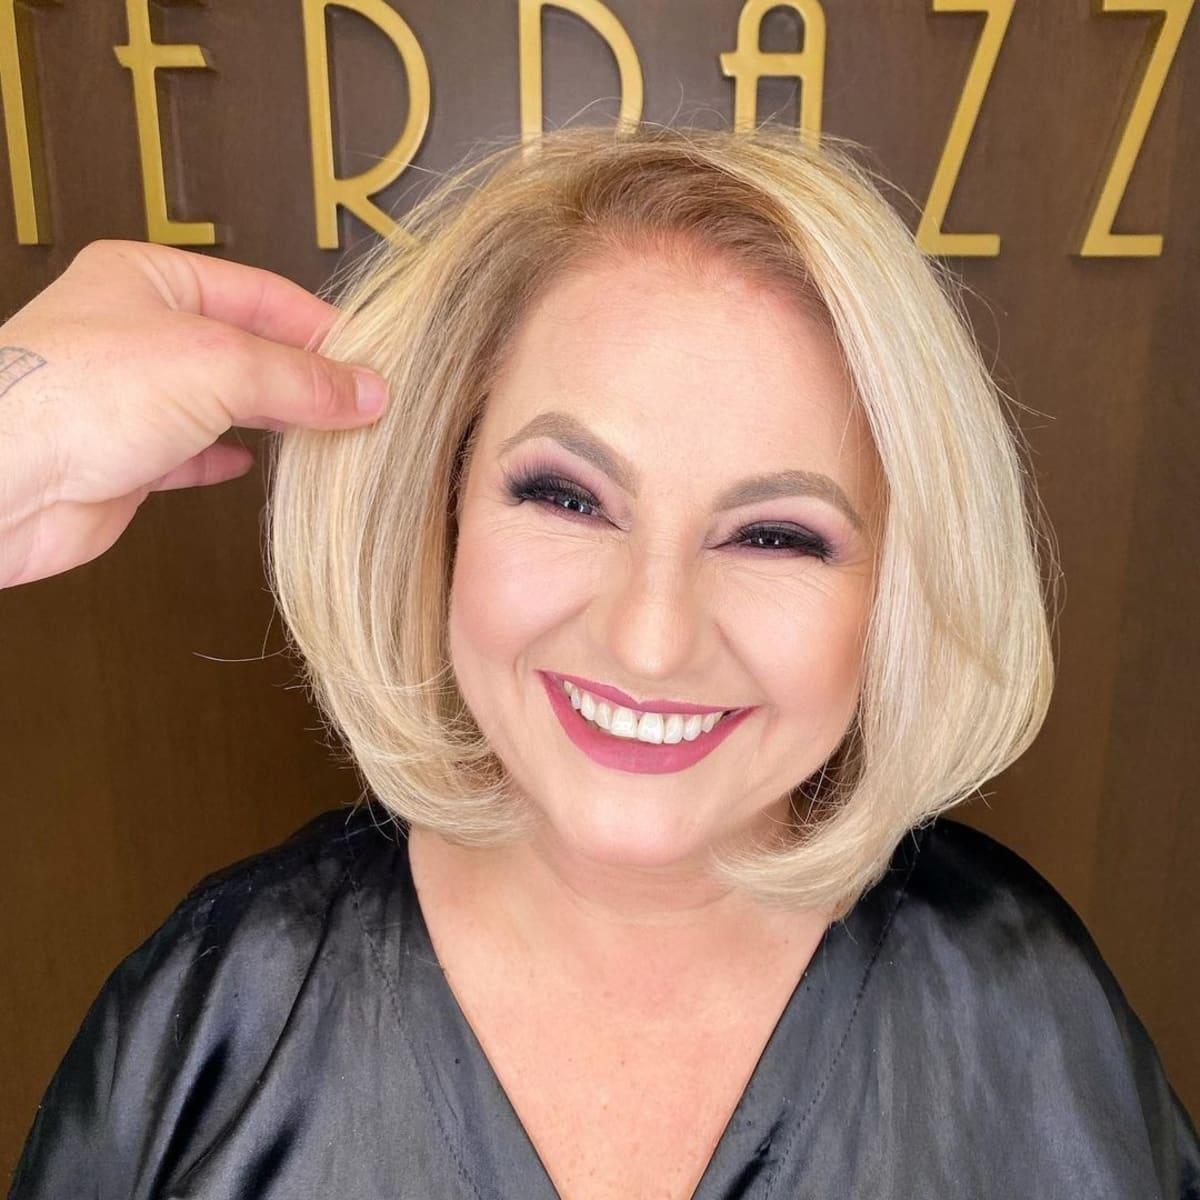 coupe longue et texturée pour les femmes plus âgées au visage rond.